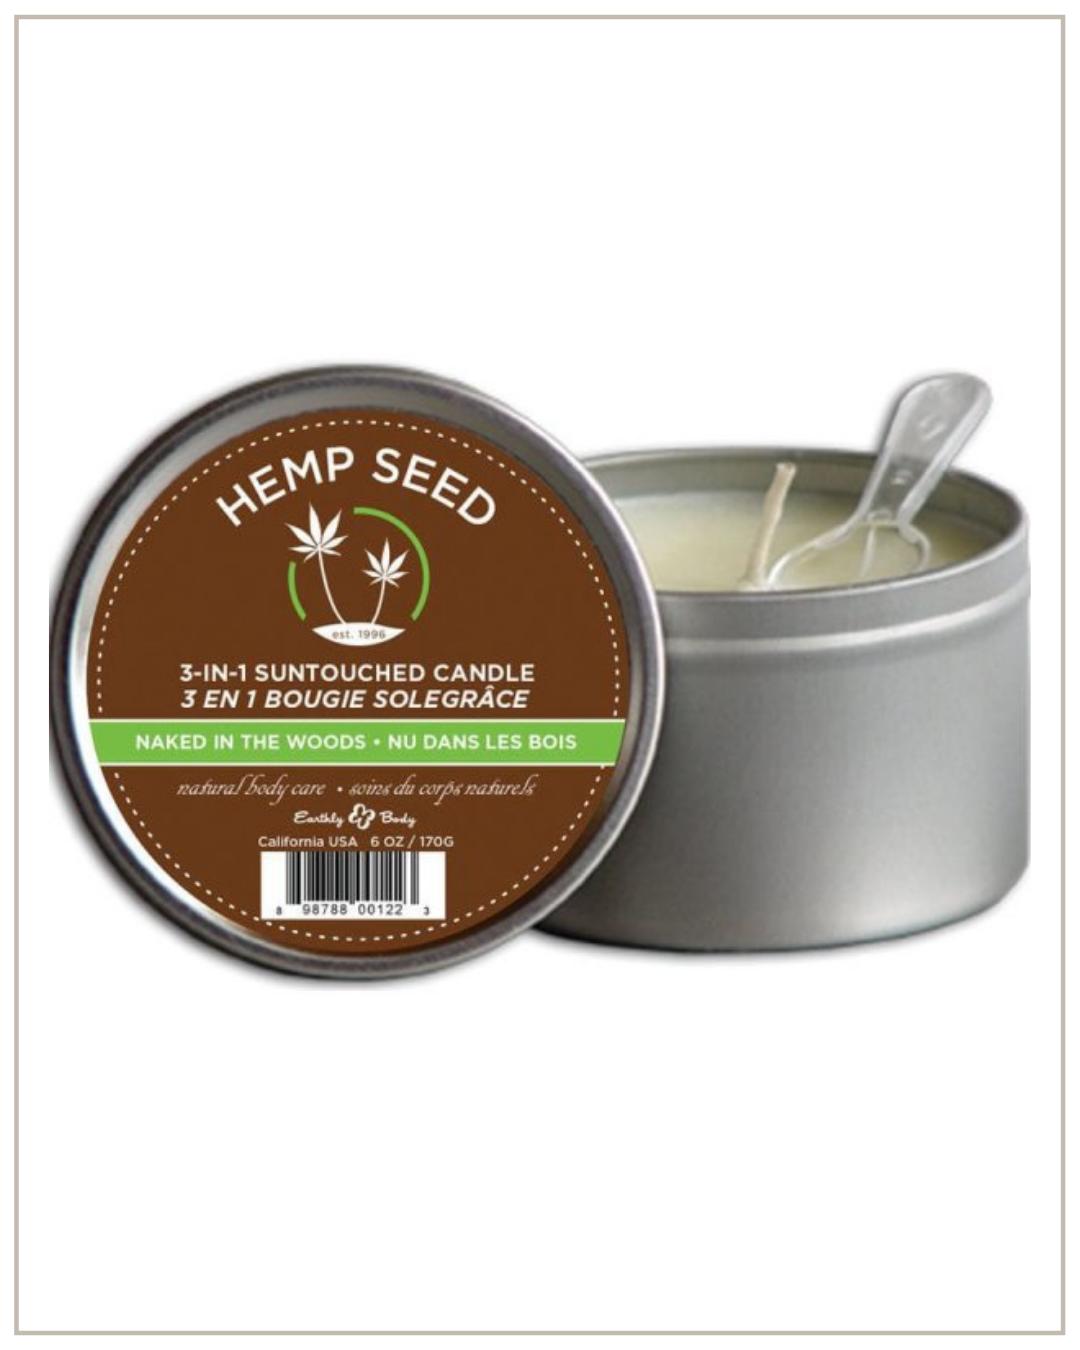 Hemp seed žvakė – 3 in 1 Naked in the woods, 170g